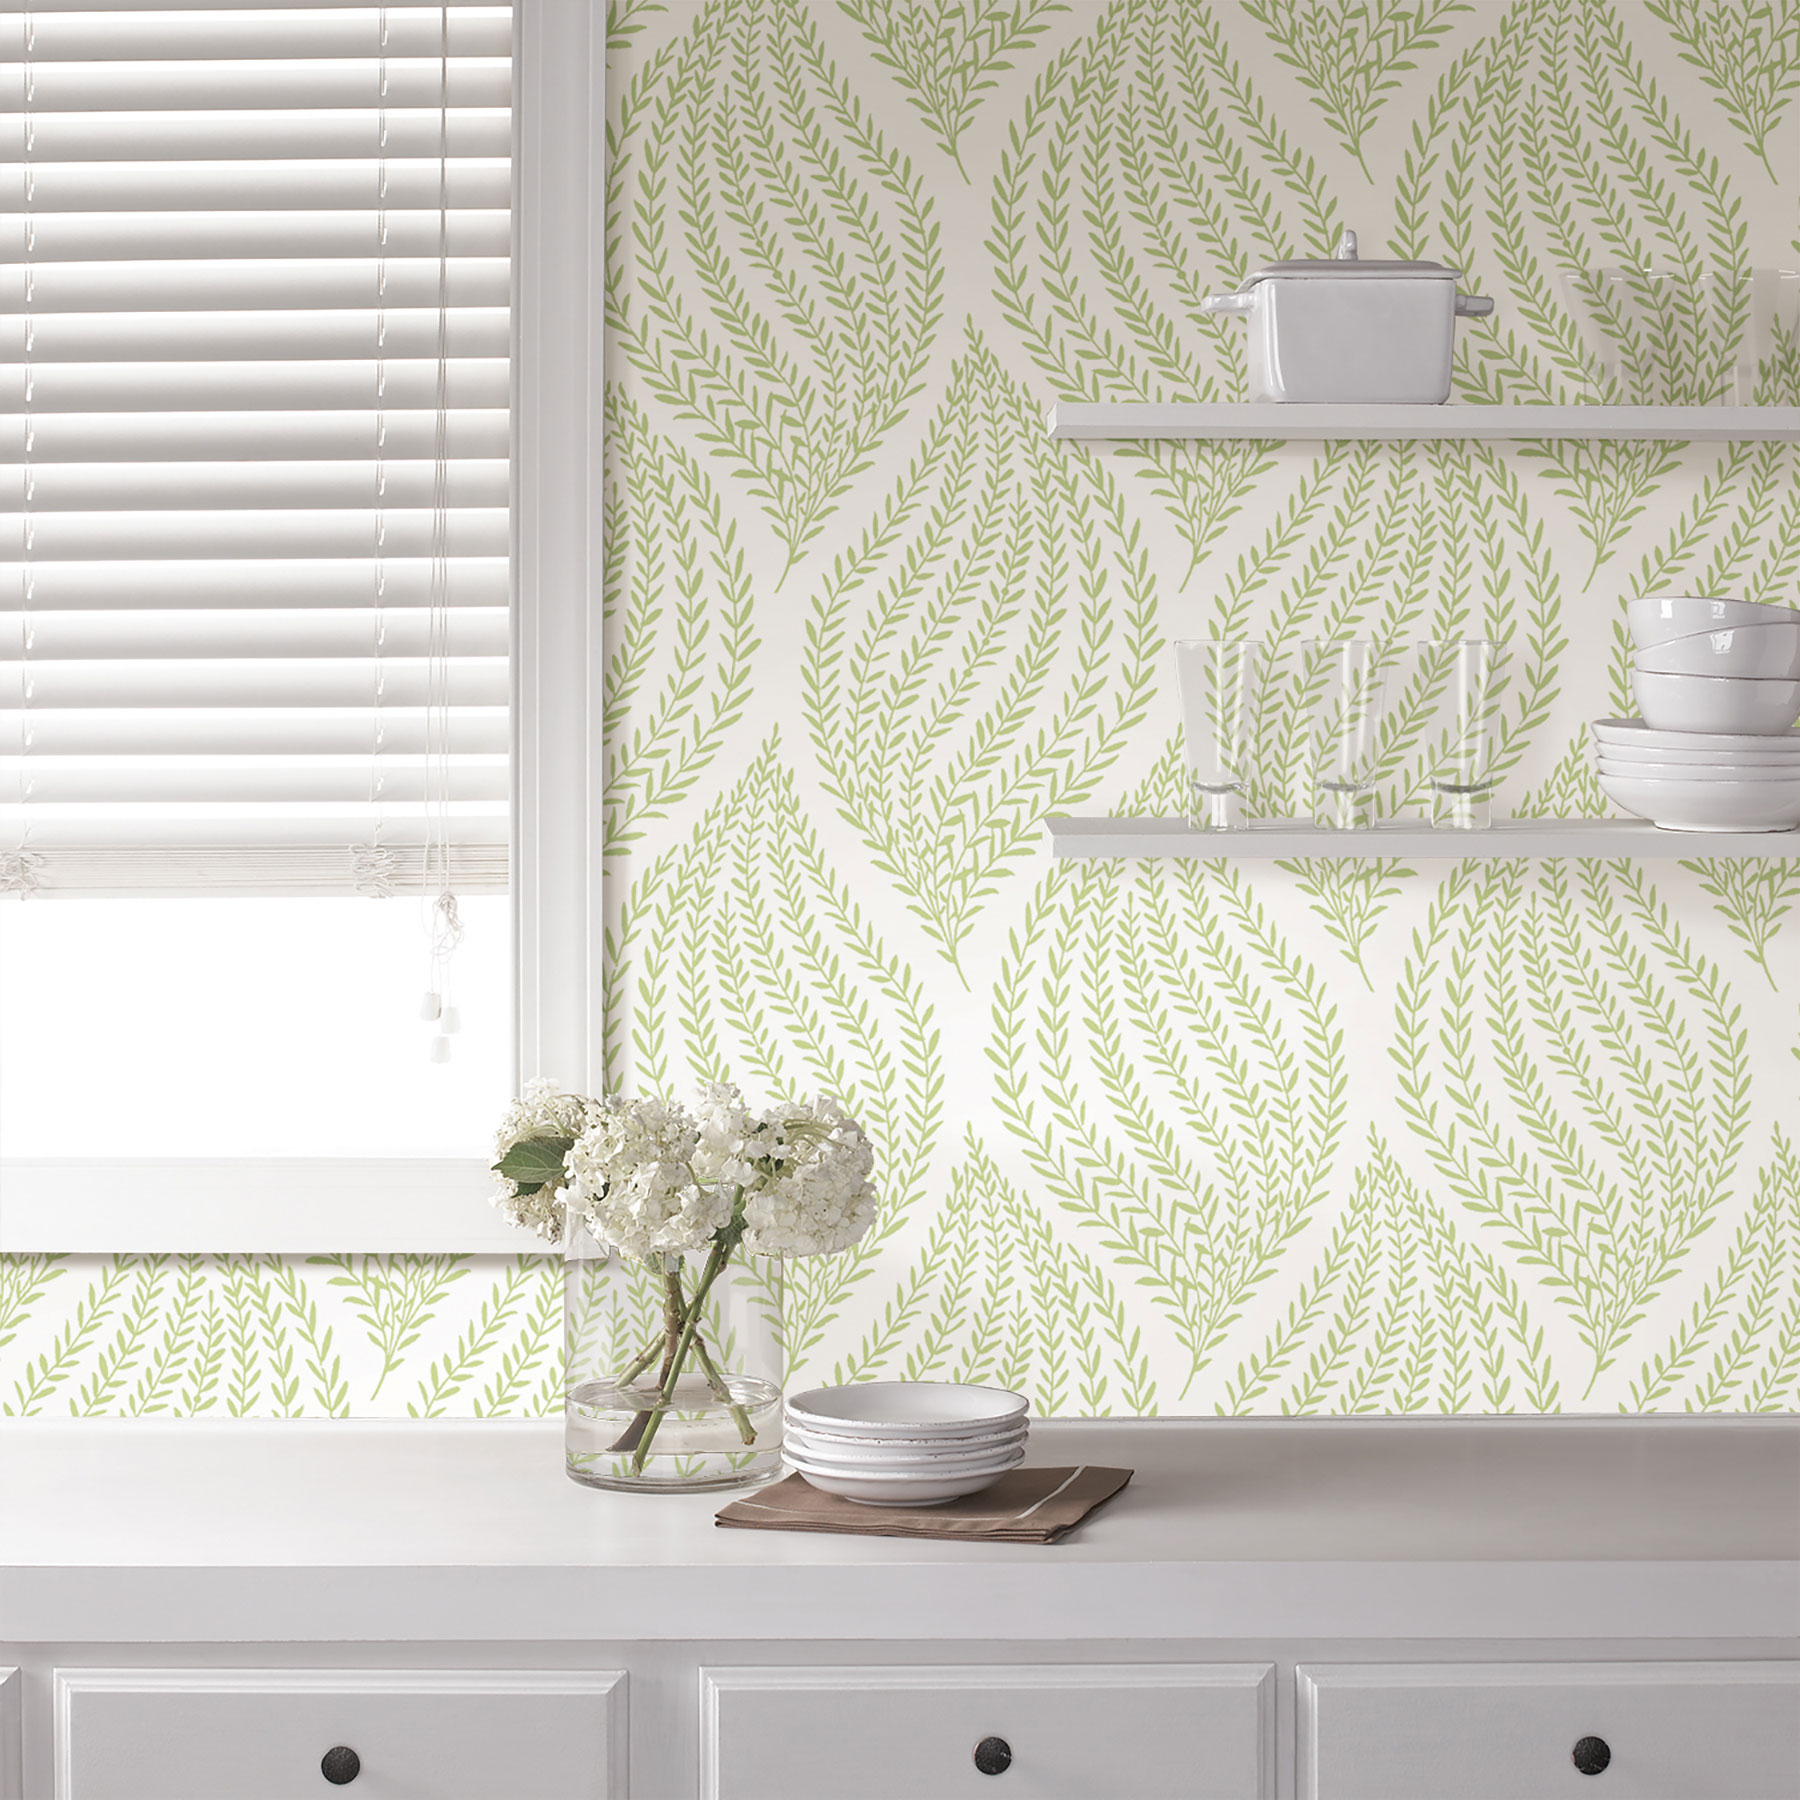 green earthy patterned wallpaper